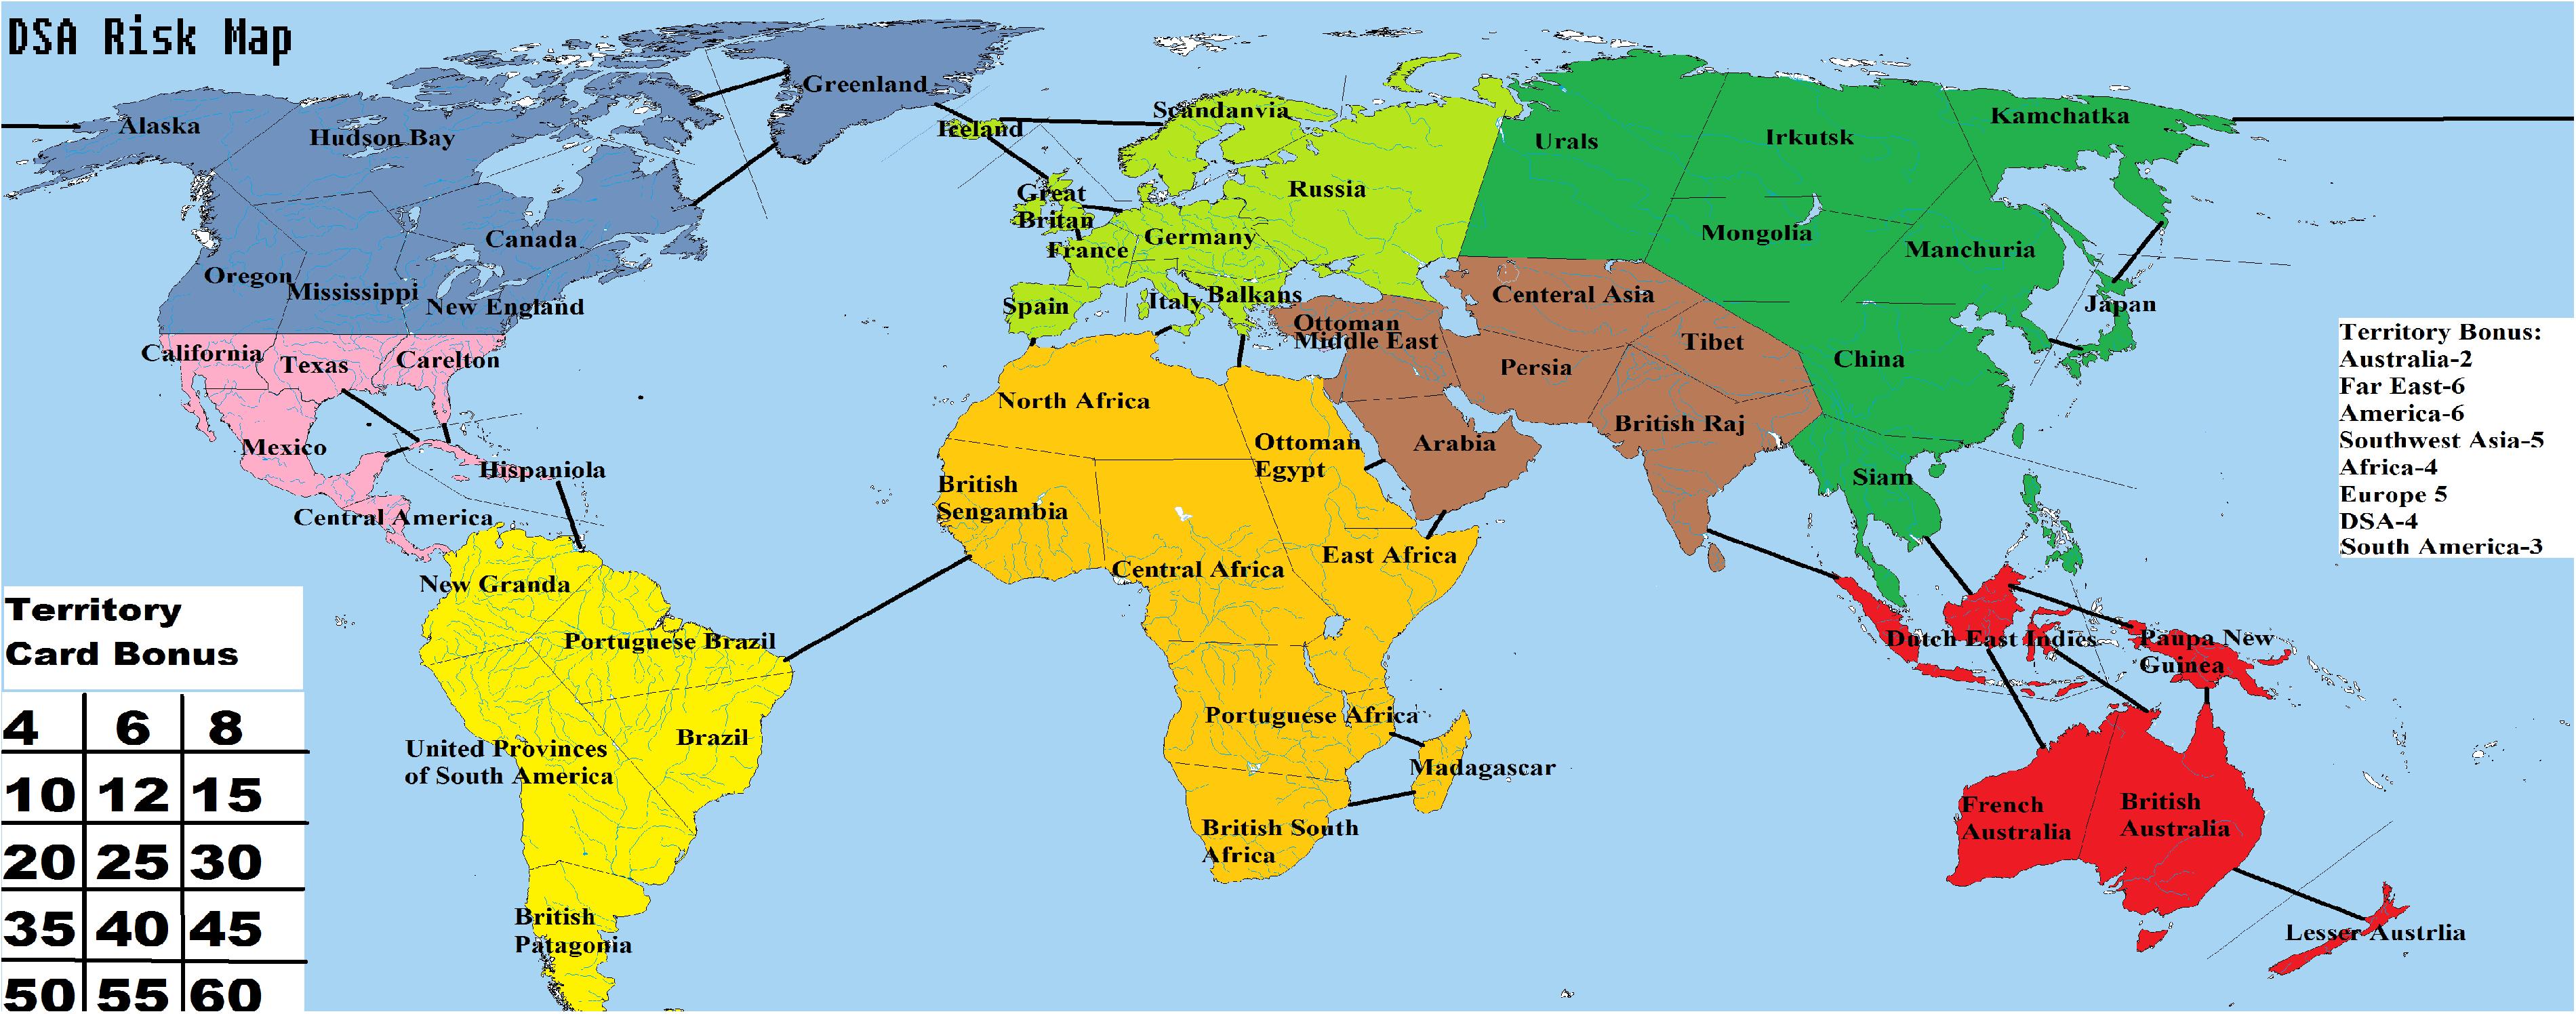 DSA risk map.png